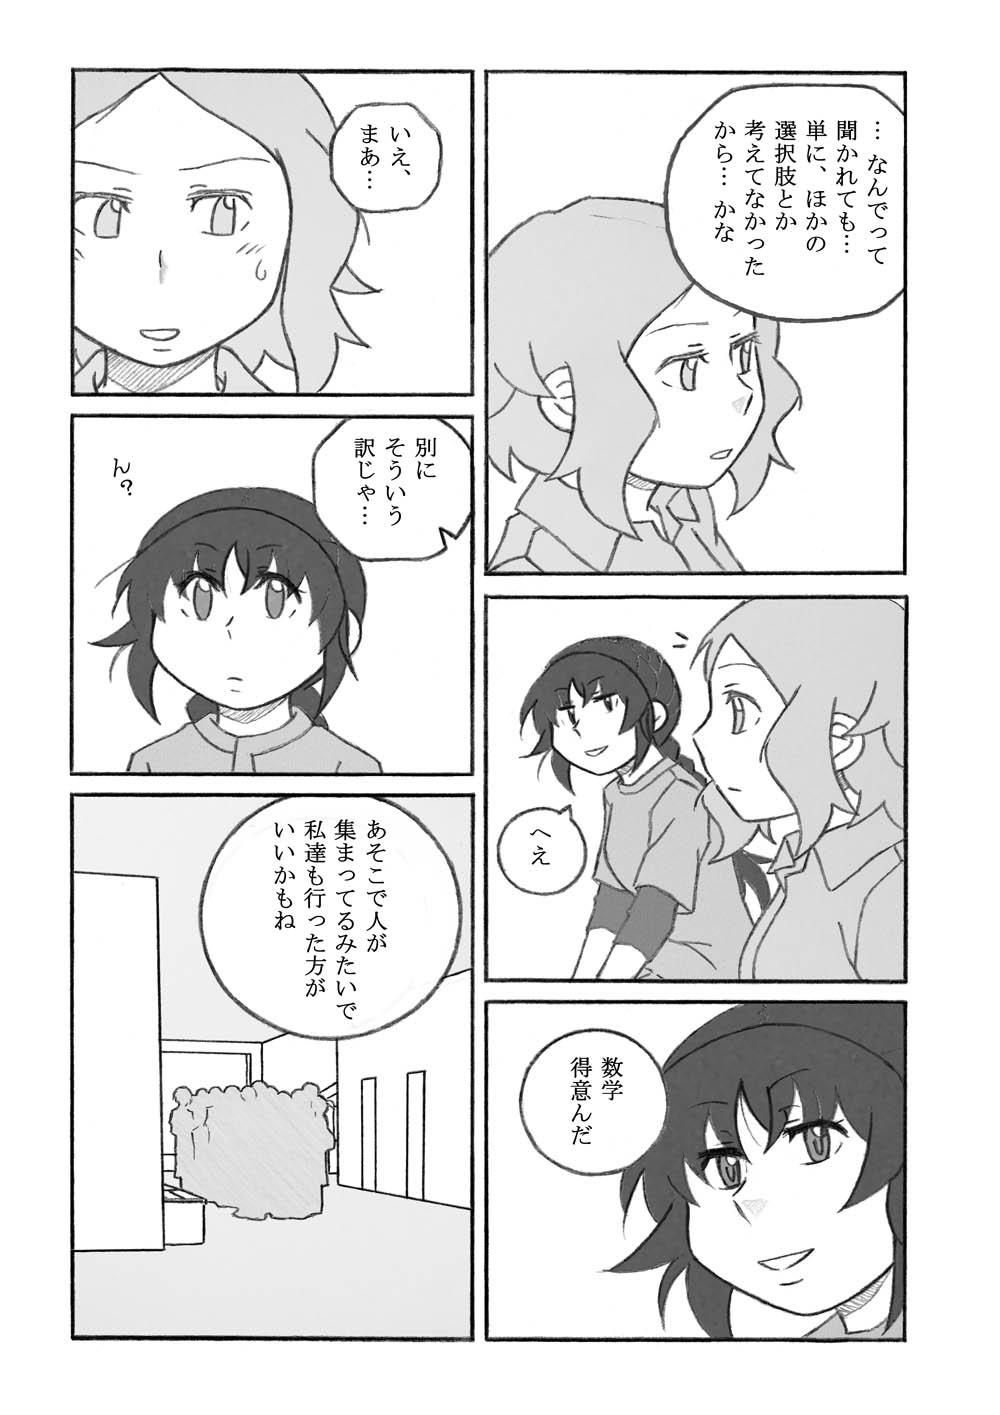 (実はちょっと嬉しかった)